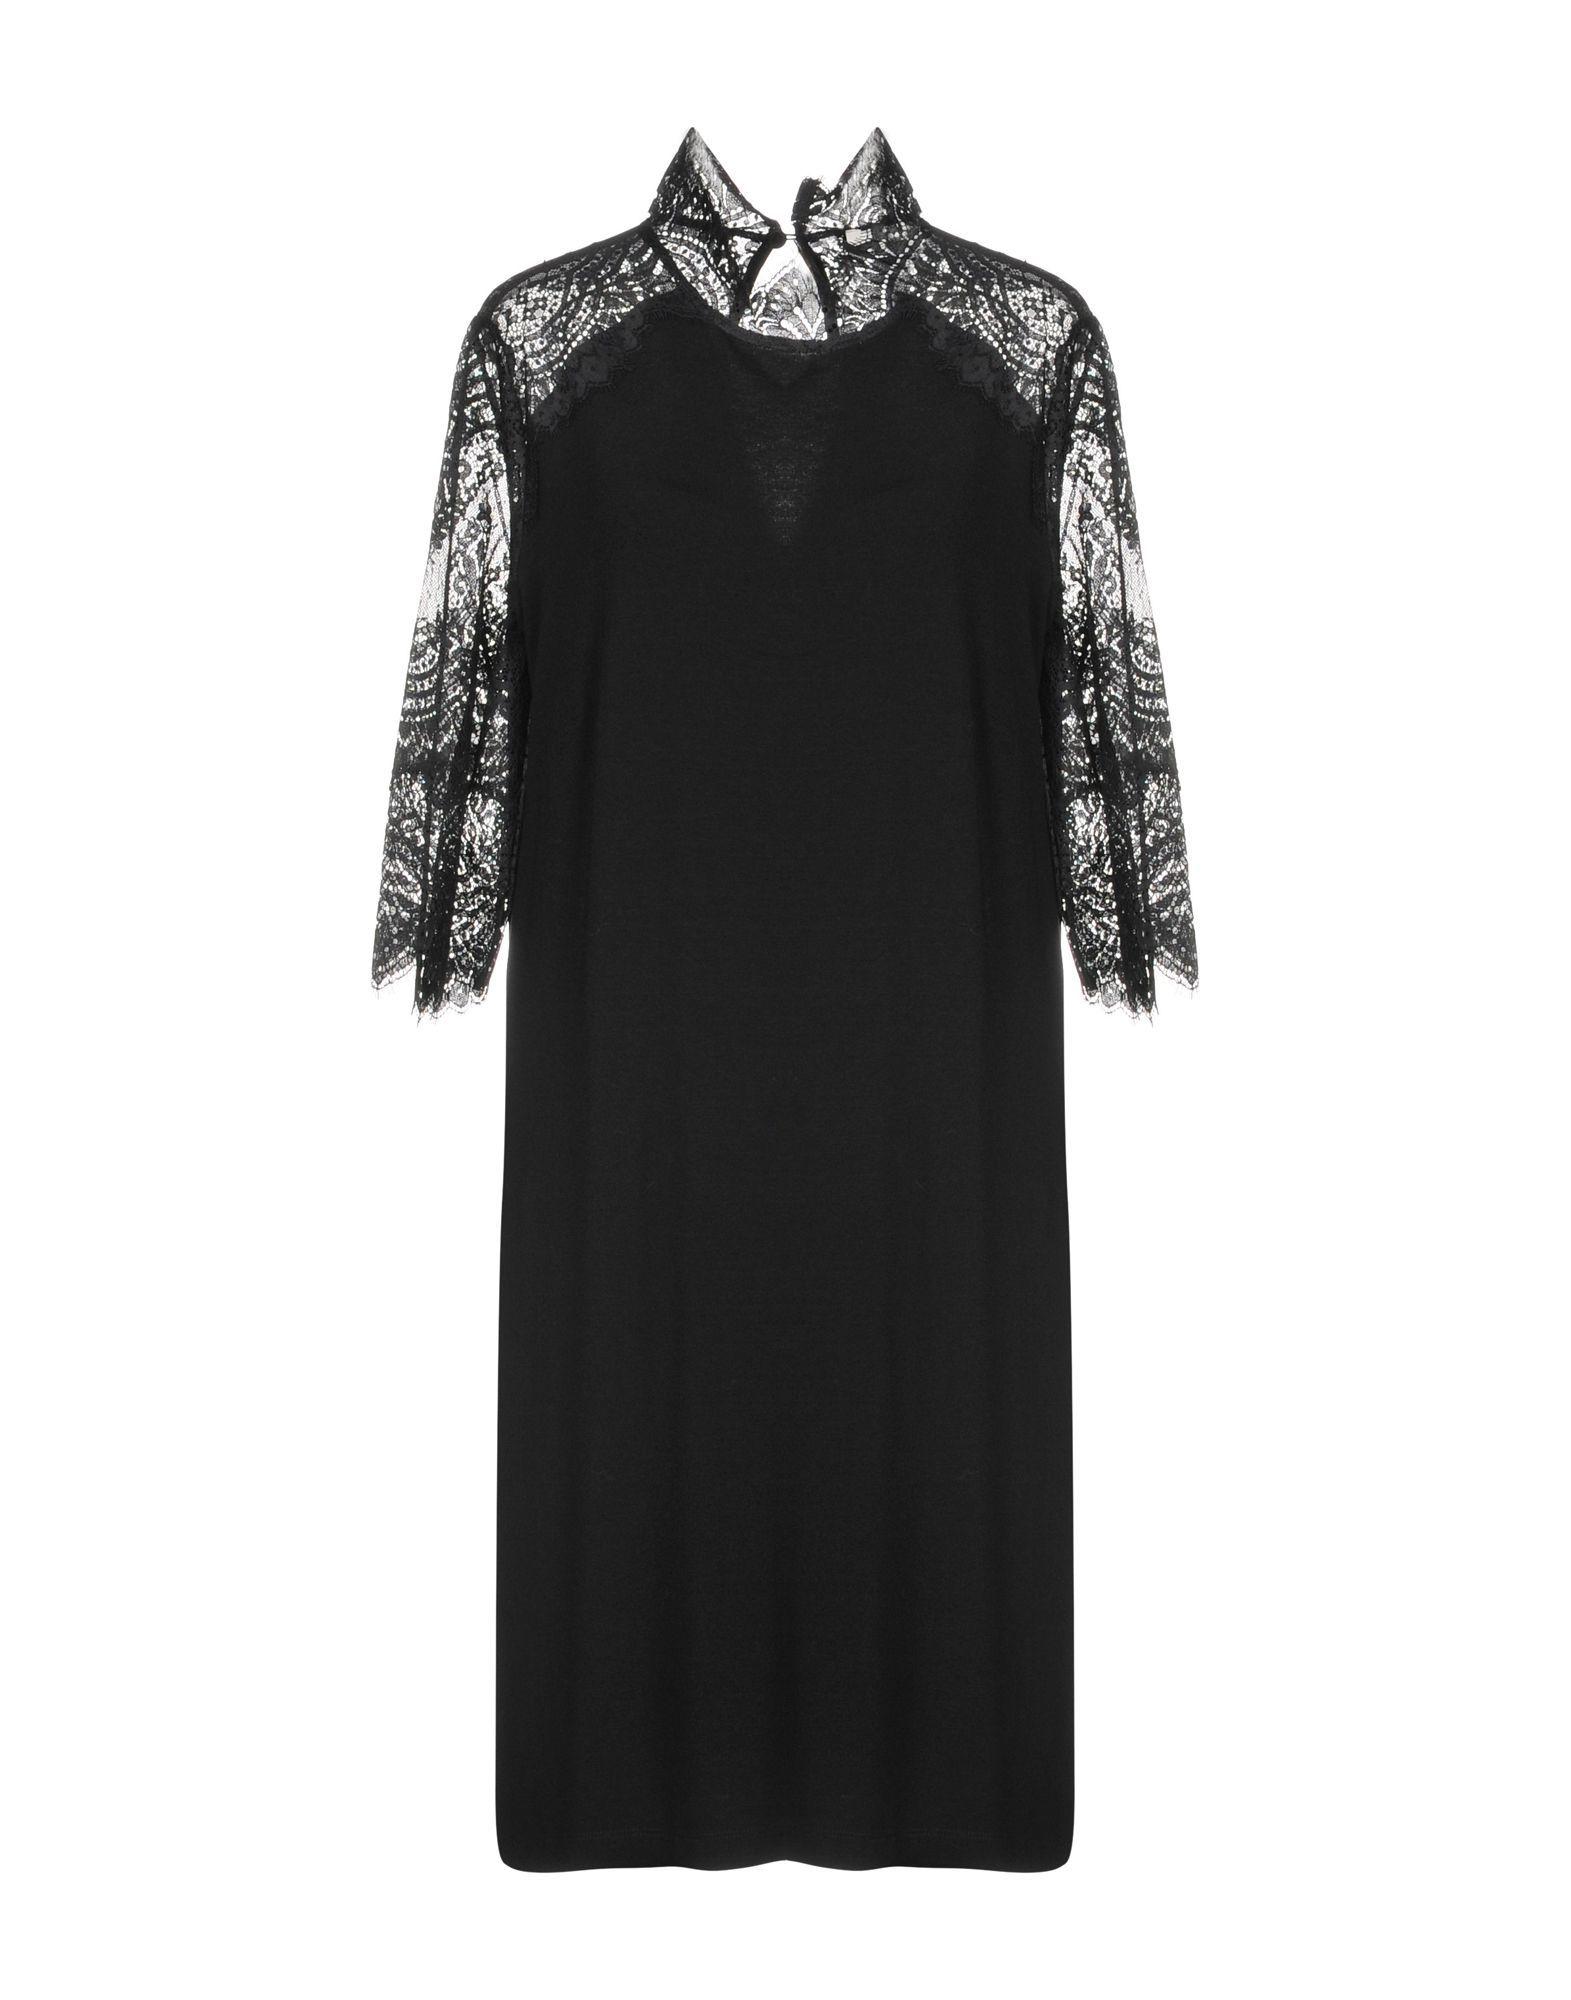 Twinset Black Lace Dress